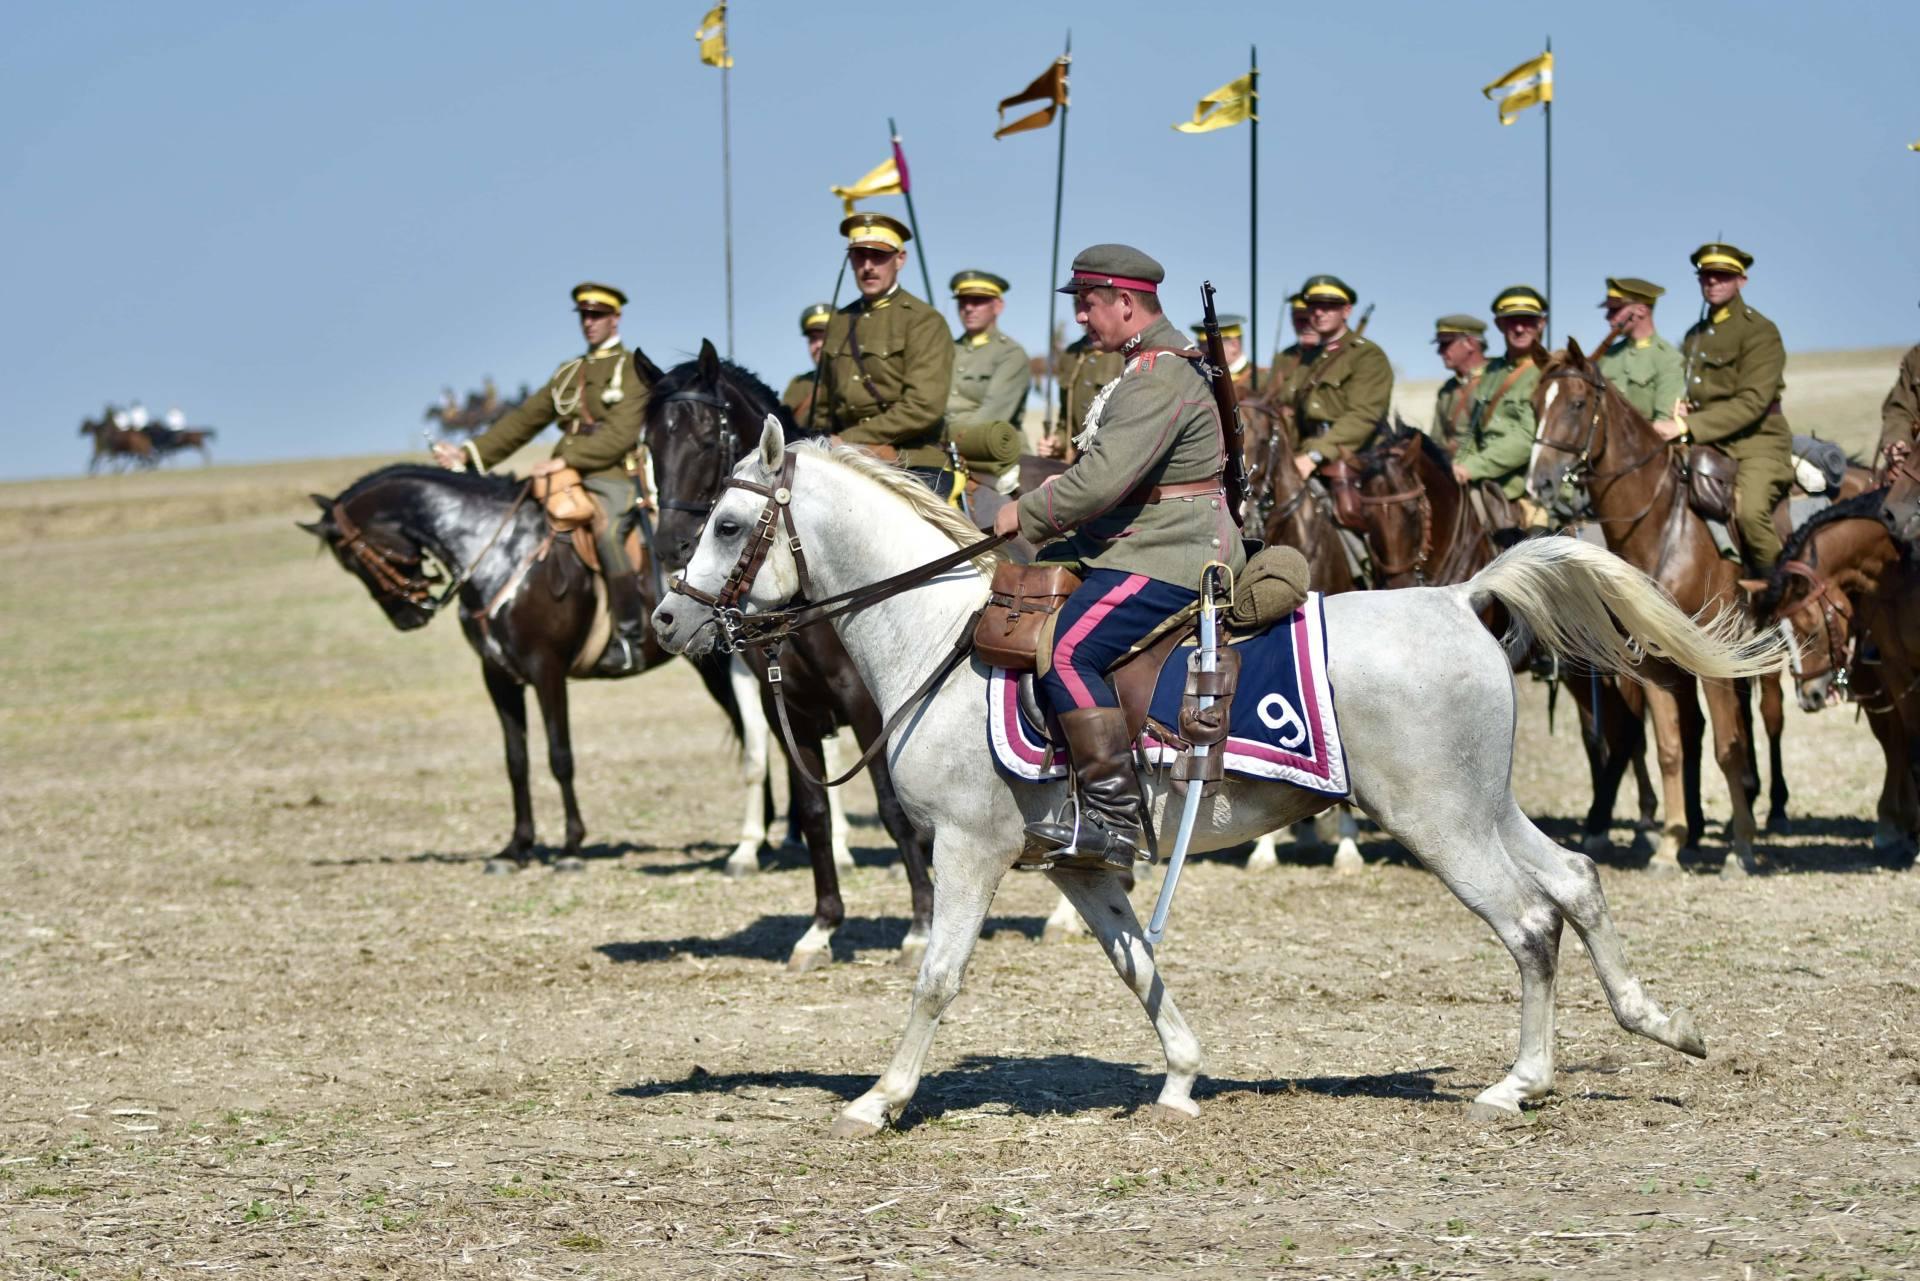 dsc 1176 Czas szabli - 100 rocznica bitwy pod Komarowem(zdjęcia)